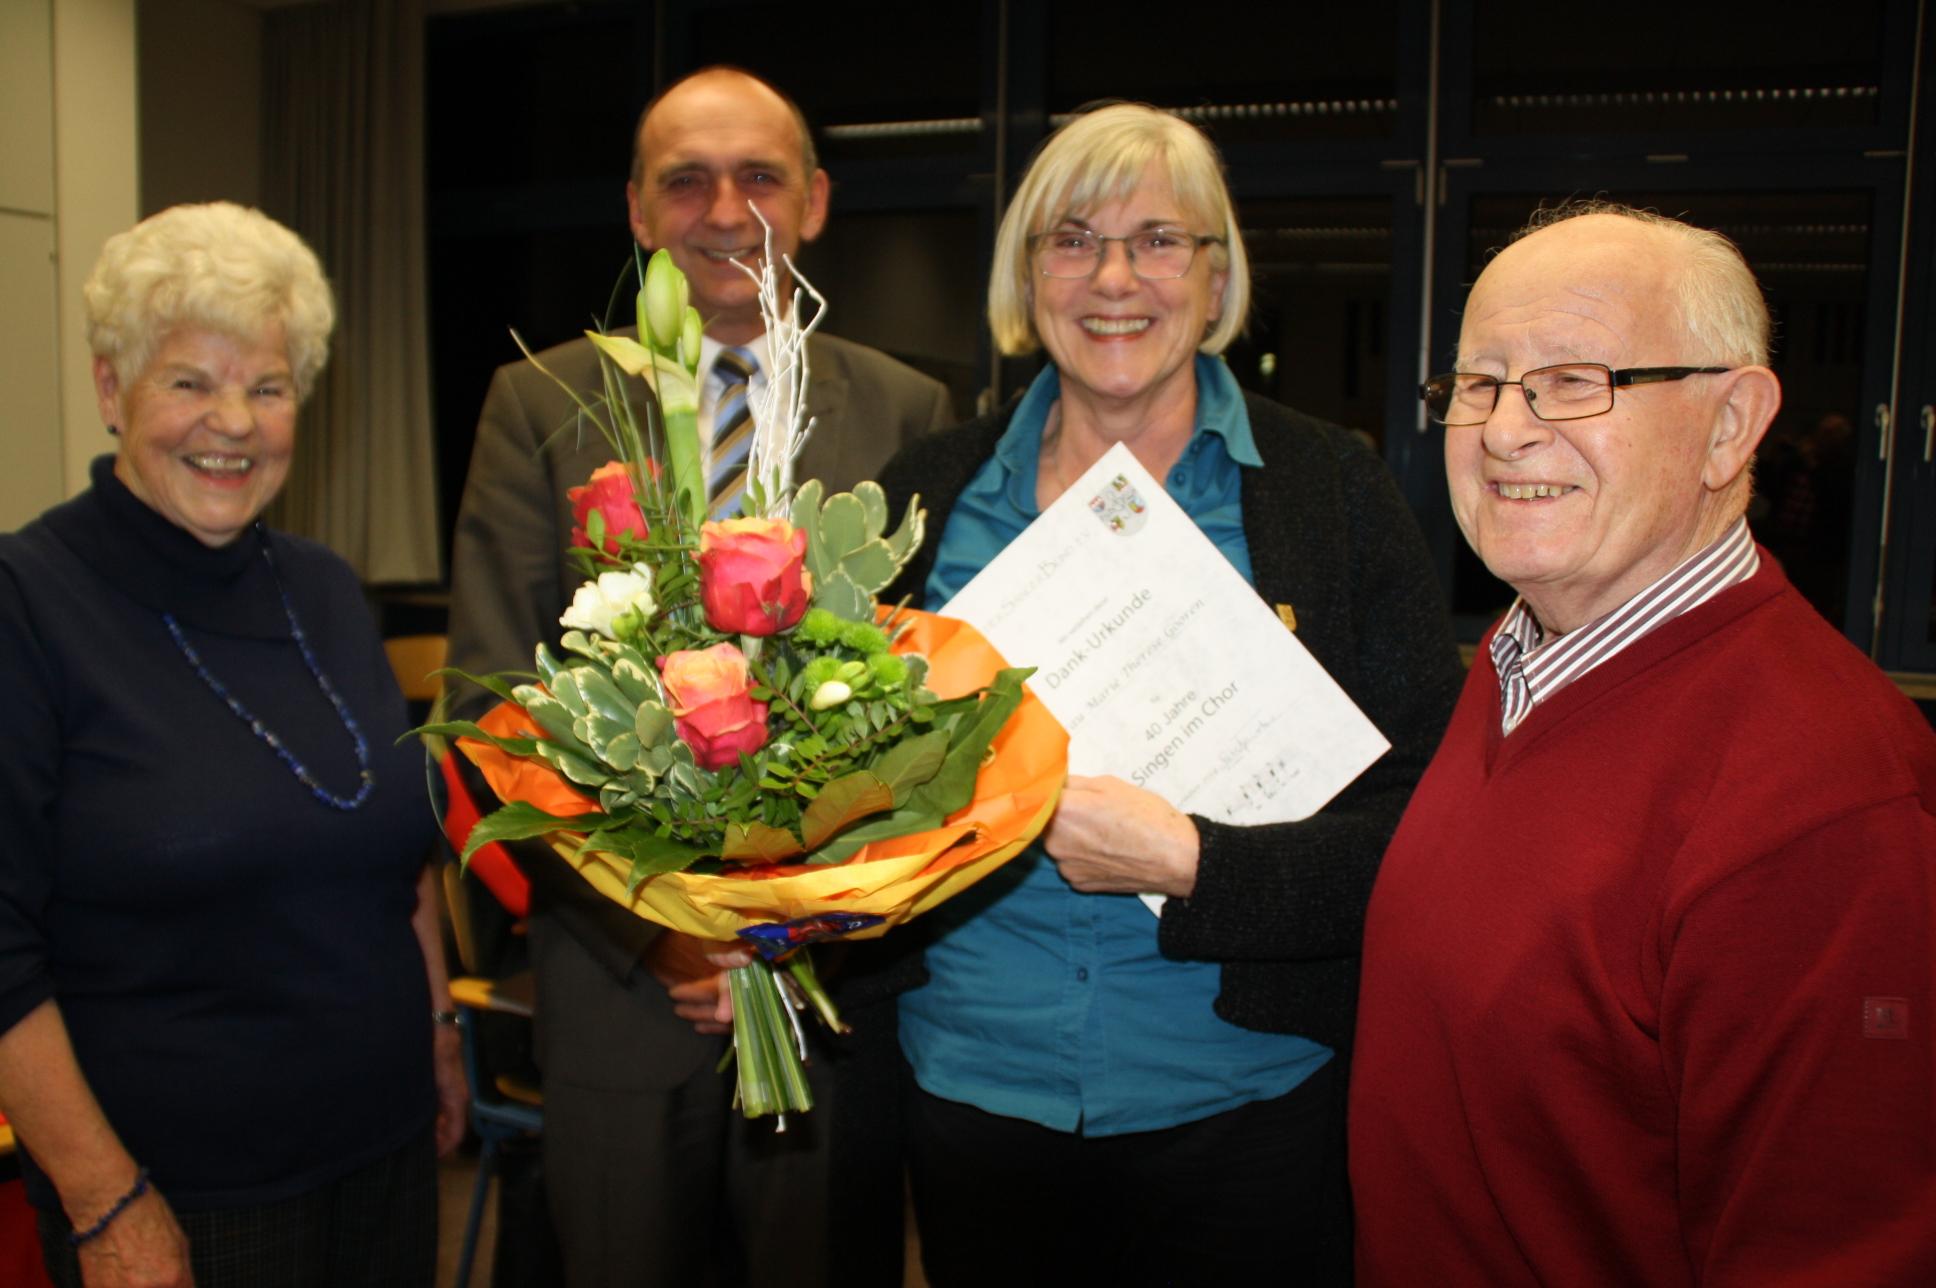 Marie Theres Gooren wurde geehrt mit Ehrennadel und Dankurkunde des Deutschen Sängerbunds für 40 Jahre aktives Singen im Liederkranz Weisendorf. Flankiert wurde sie von der Vorsitzenden Anna Lux, Bürgermeister Heinrich Süß und dem 2. Vorsitzenden Werner Dillinger (von links).